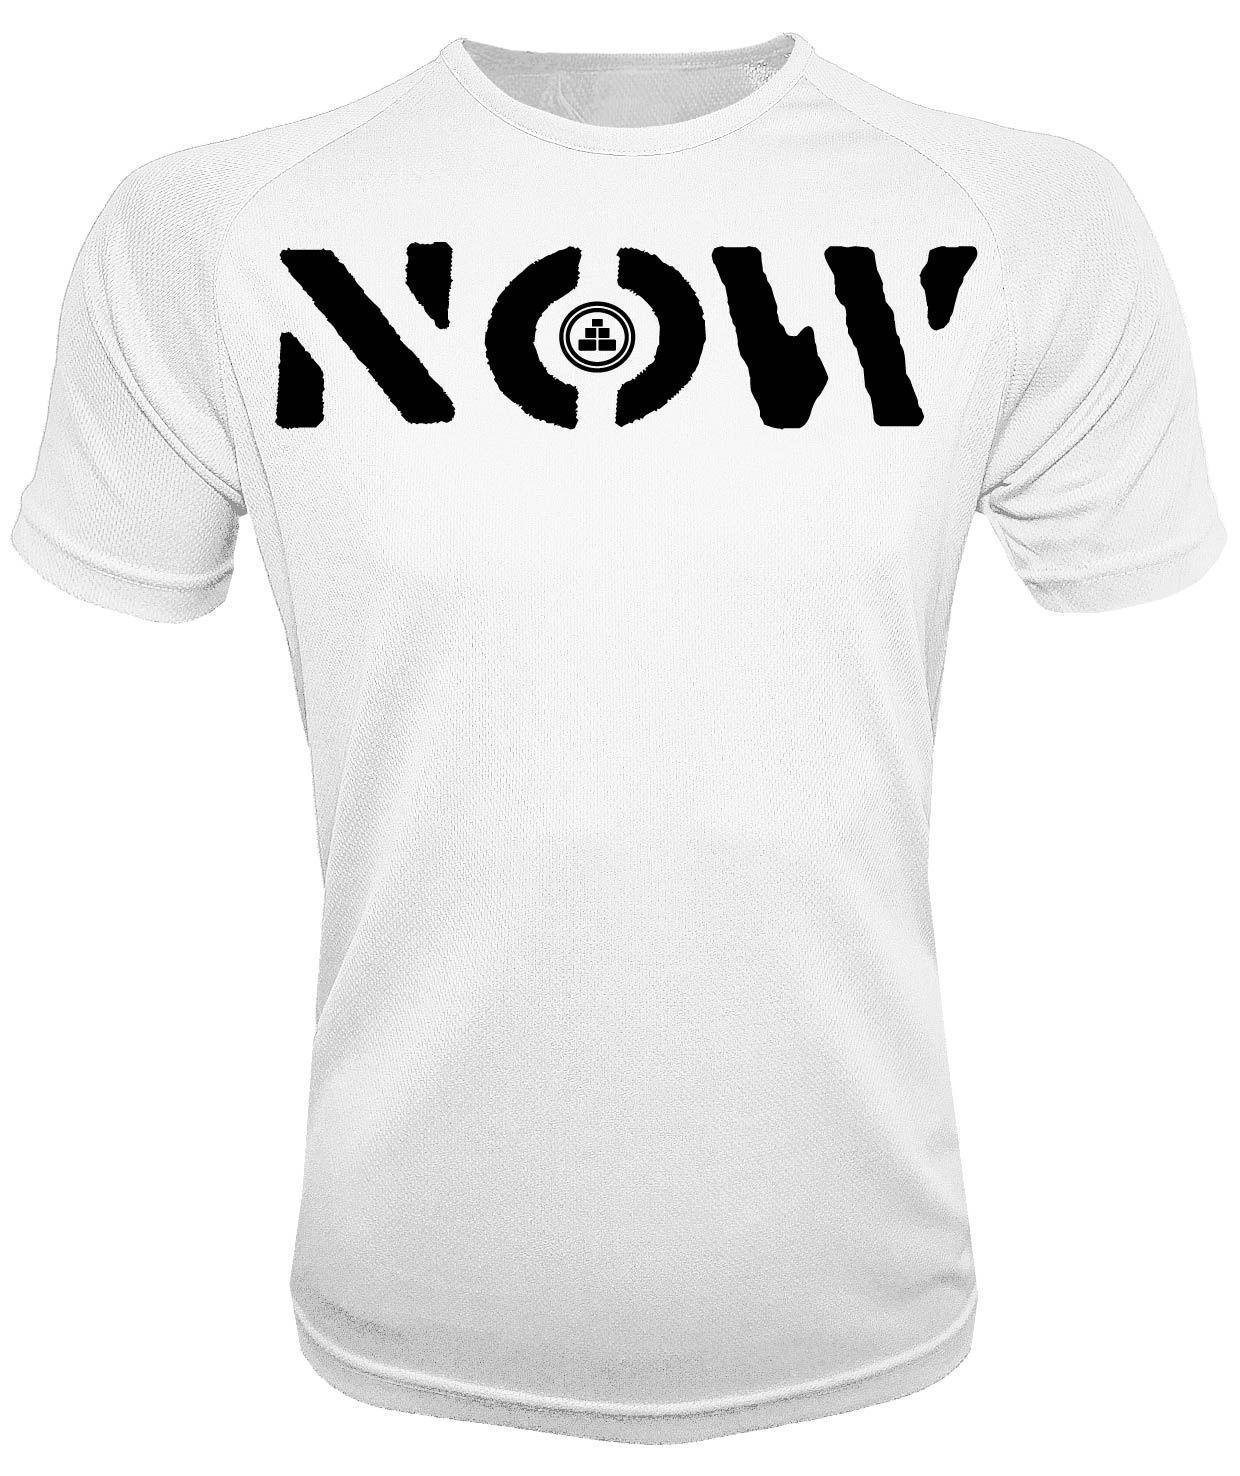 Camiseta deportiva NOW B